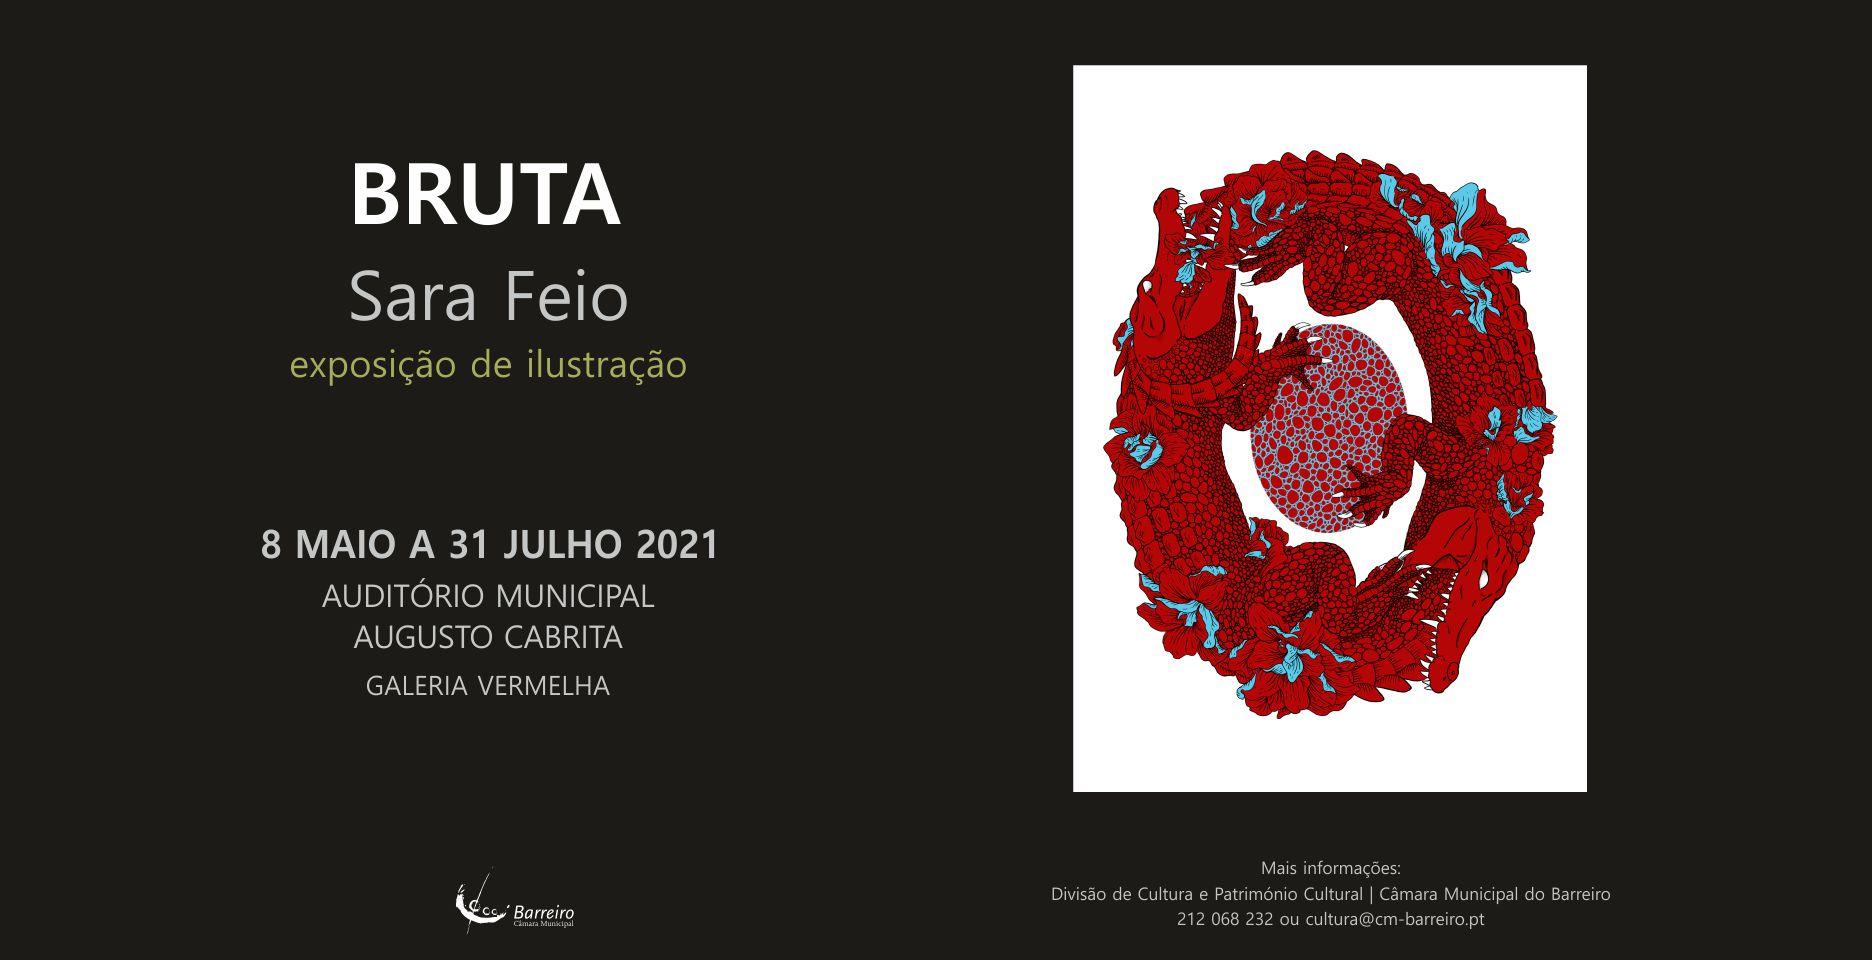 BRUTA, Exposição de ilustração de Sara Feio | Inauguração